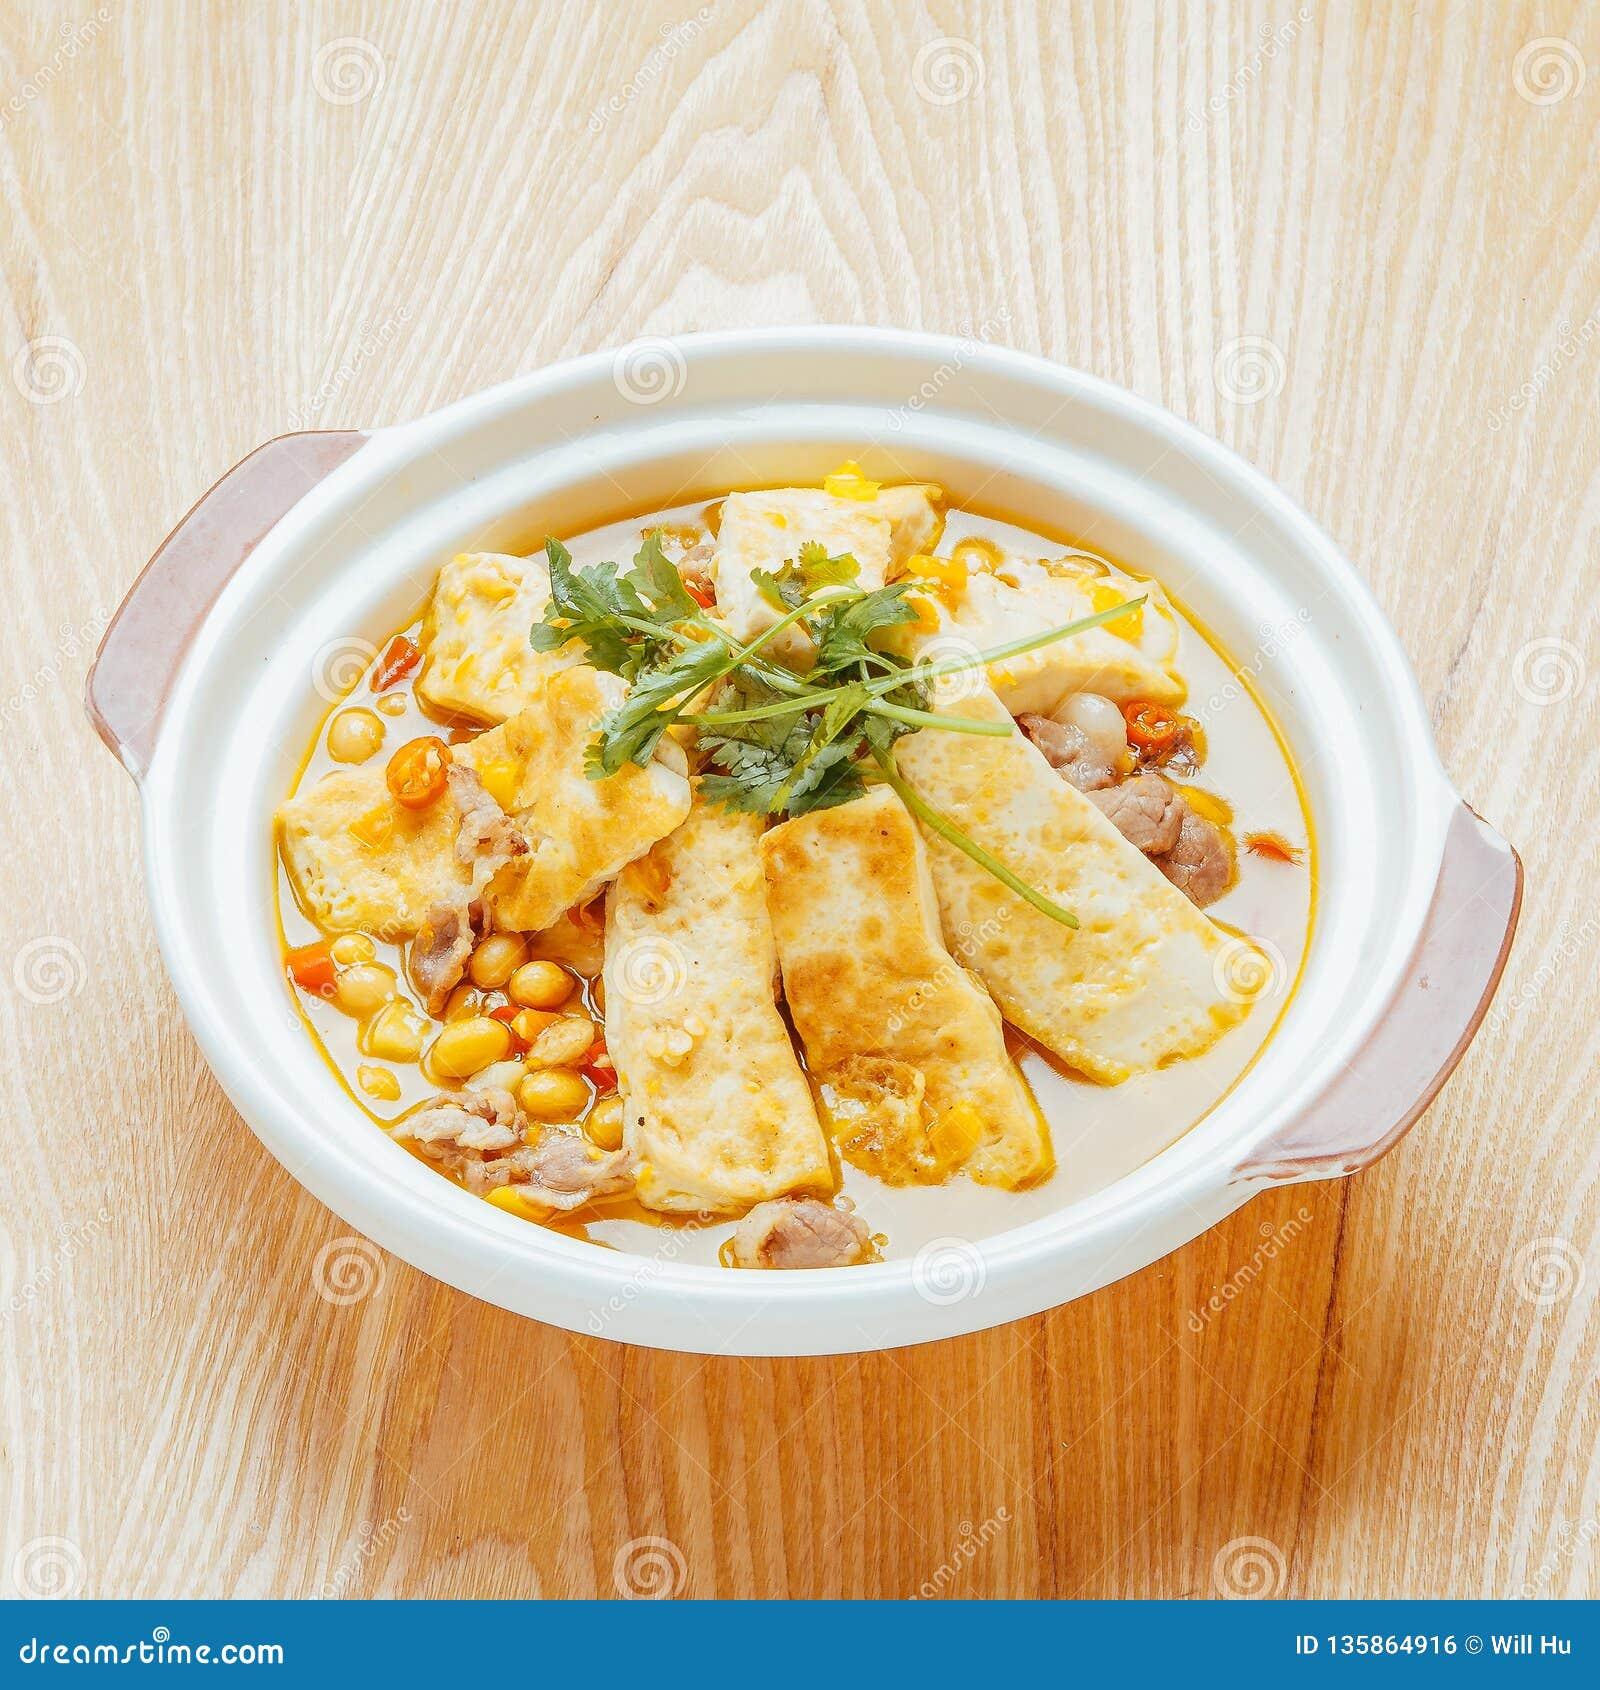 汤豆腐瓷食物